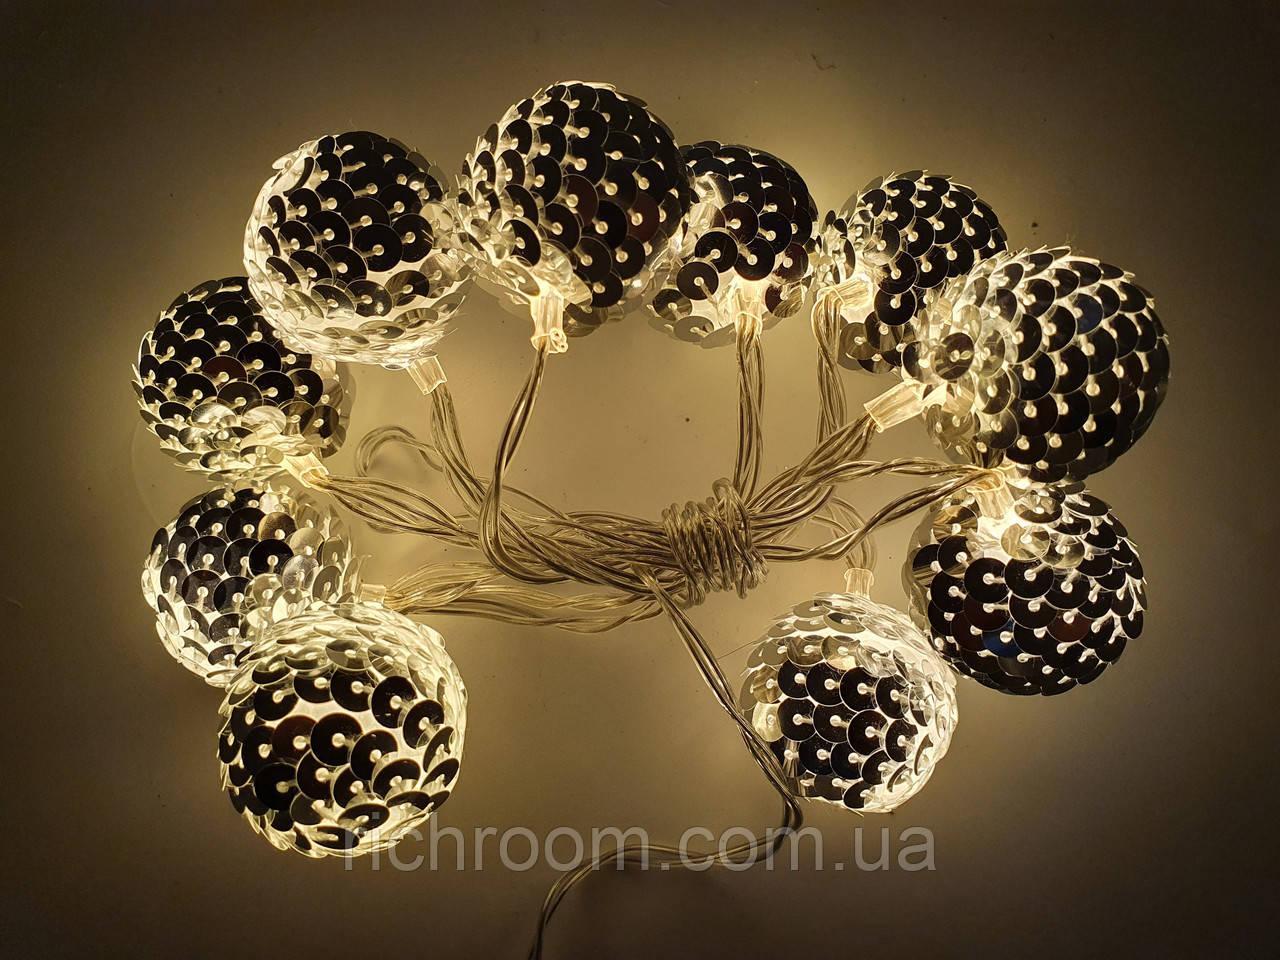 Світлодіодна LED гірлянда з кульками Діаметром 3 см, 10 шт., 140 см Edeka на батарейках